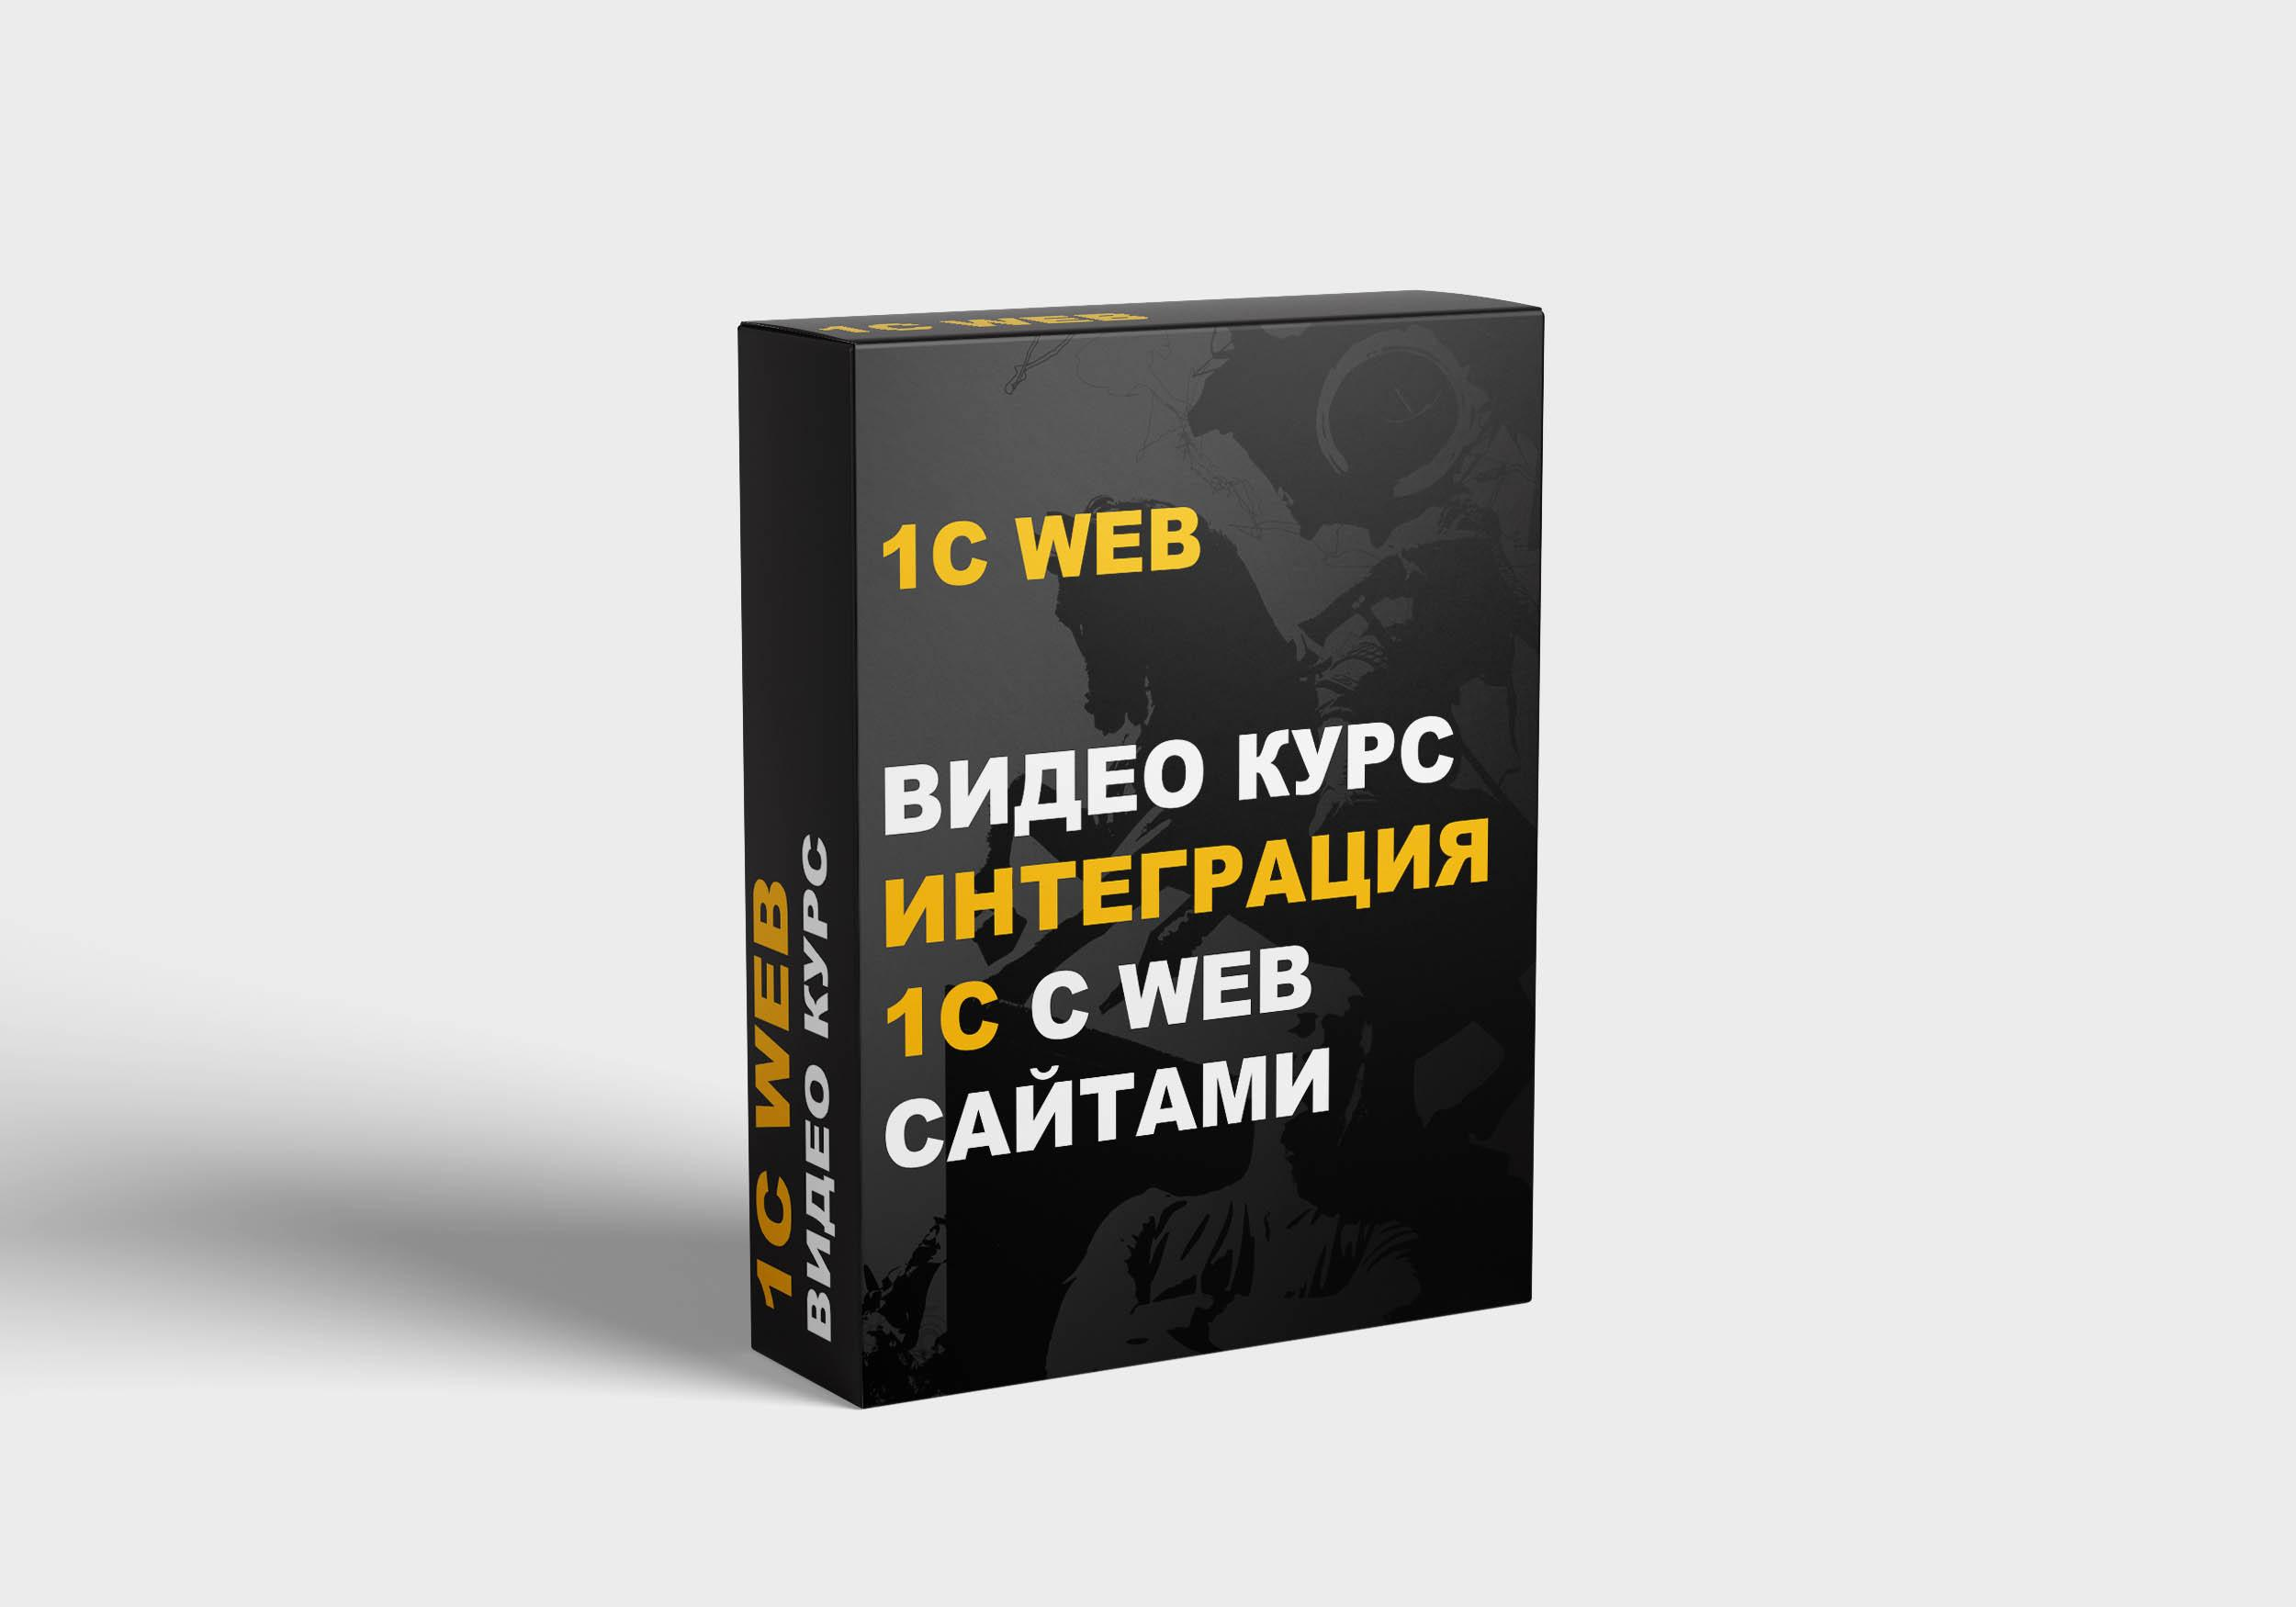 1С WEB